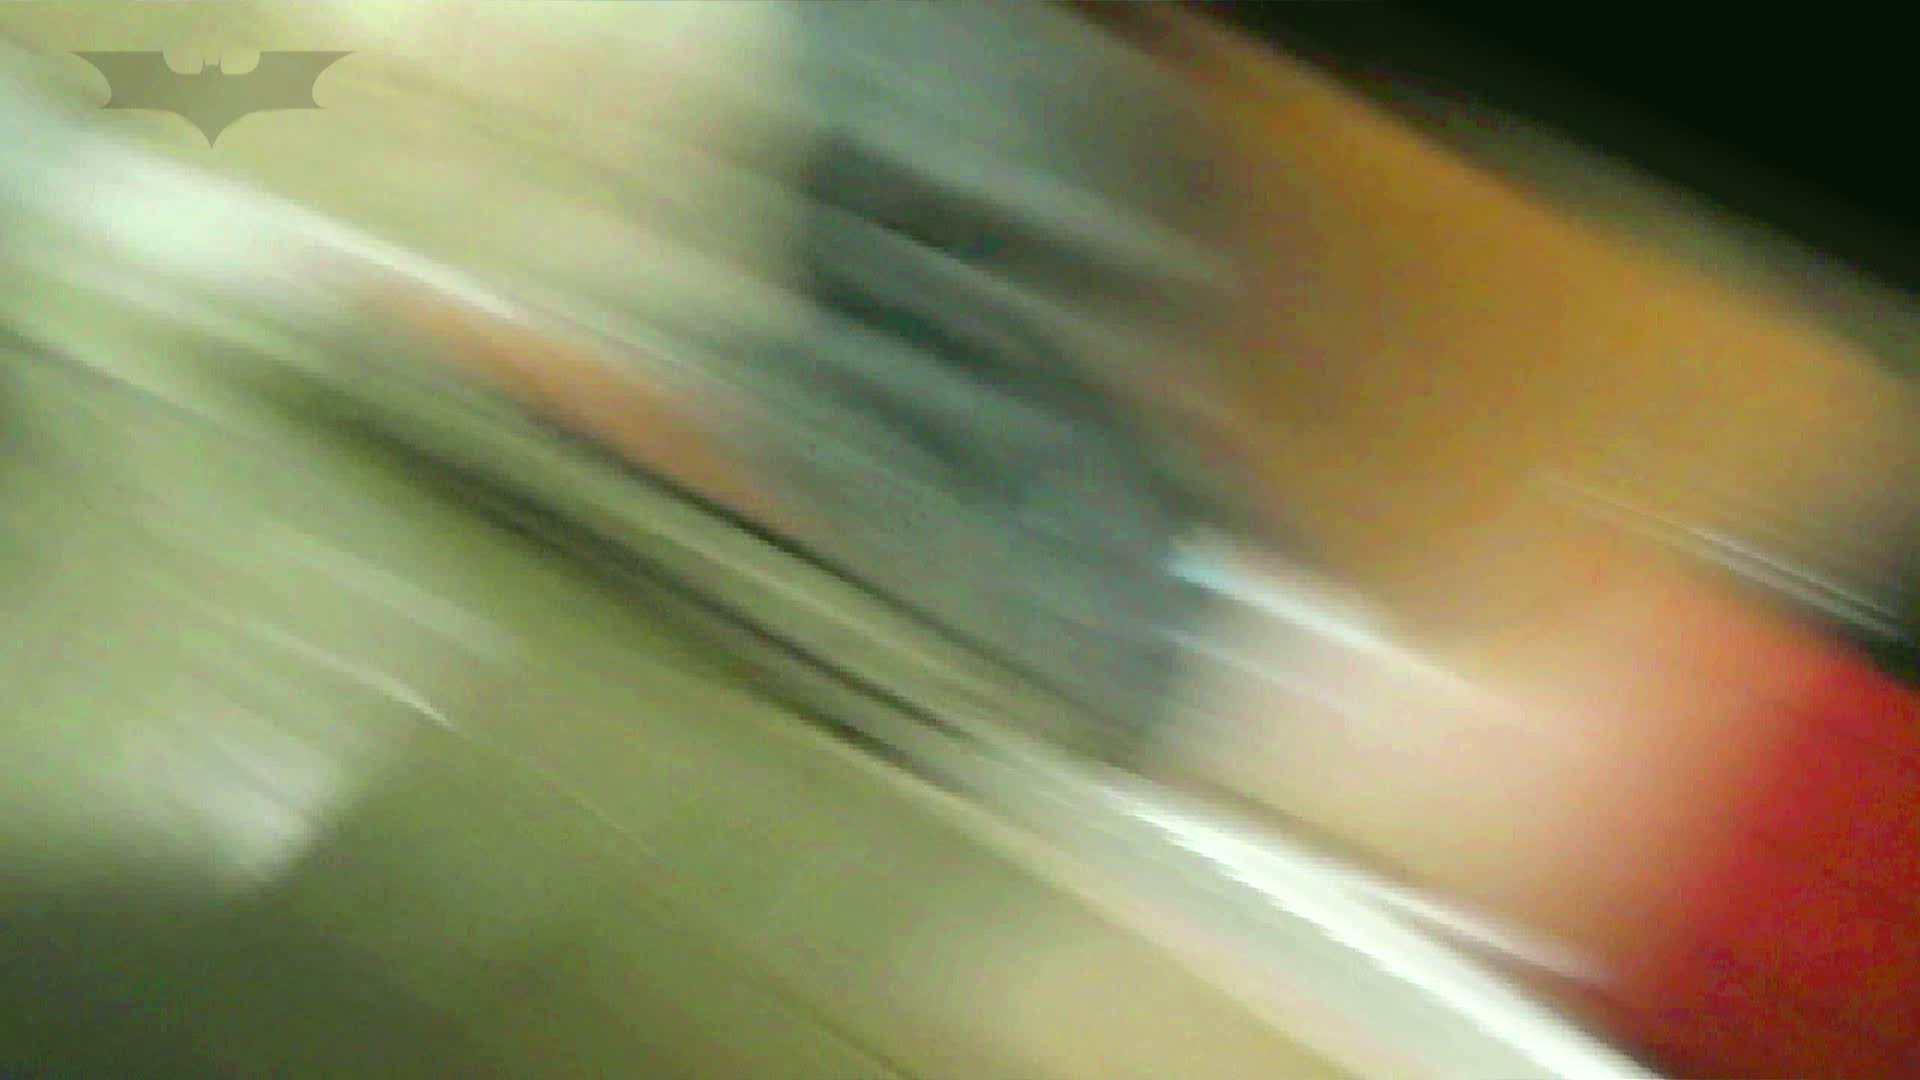 ステーション編 vol.29 頭二つ飛び出る180cm長身モデル OLハメ撮り  40Pix 27